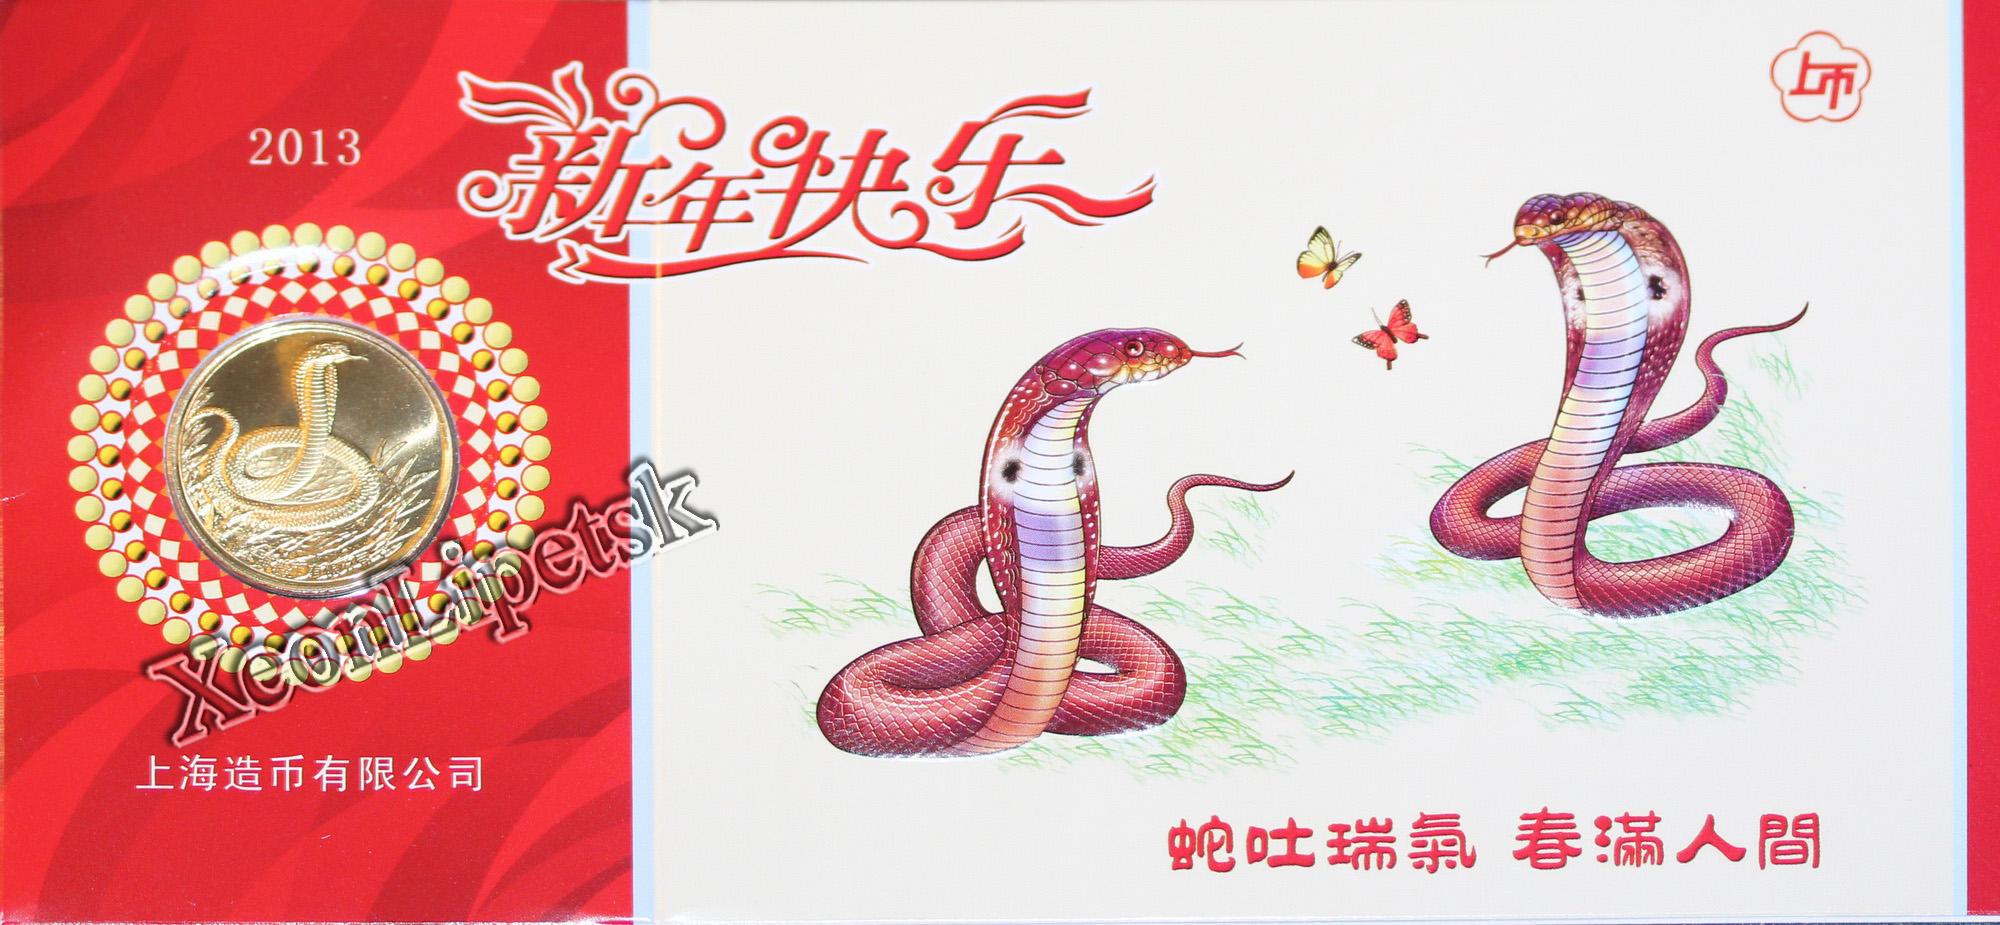 поздравления с новым годом змеи от змеи псж